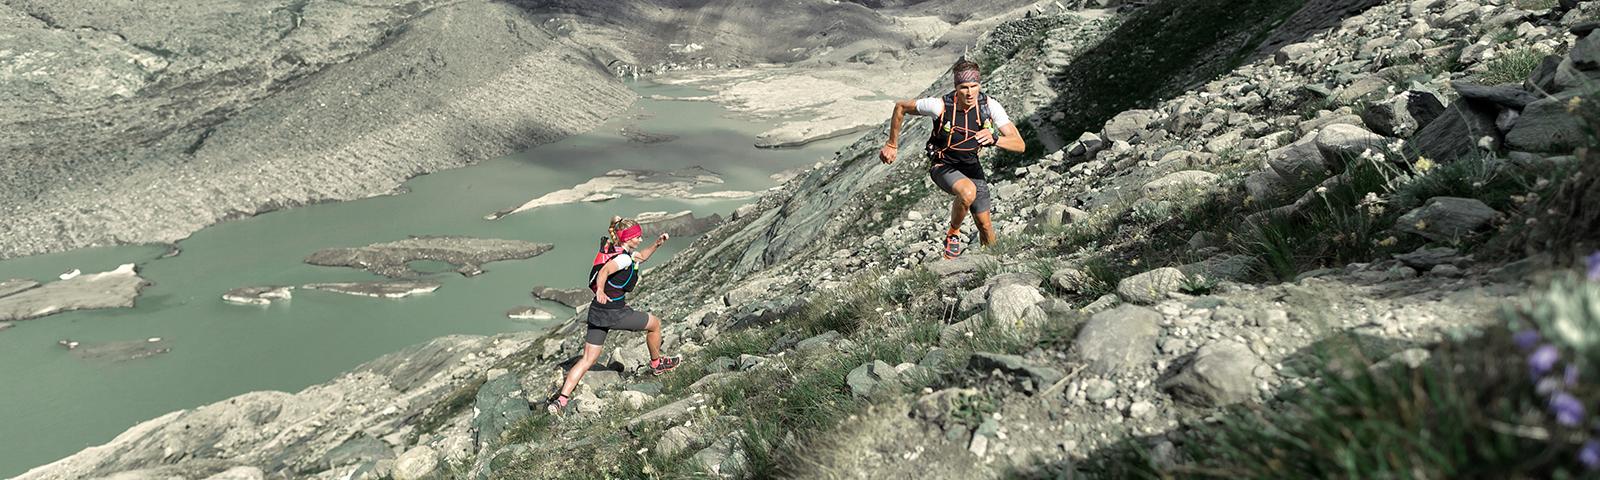 sale retailer d8332 a6d65 DYNAFIT - Mountain Endurance Sports  The official Dynafit sh